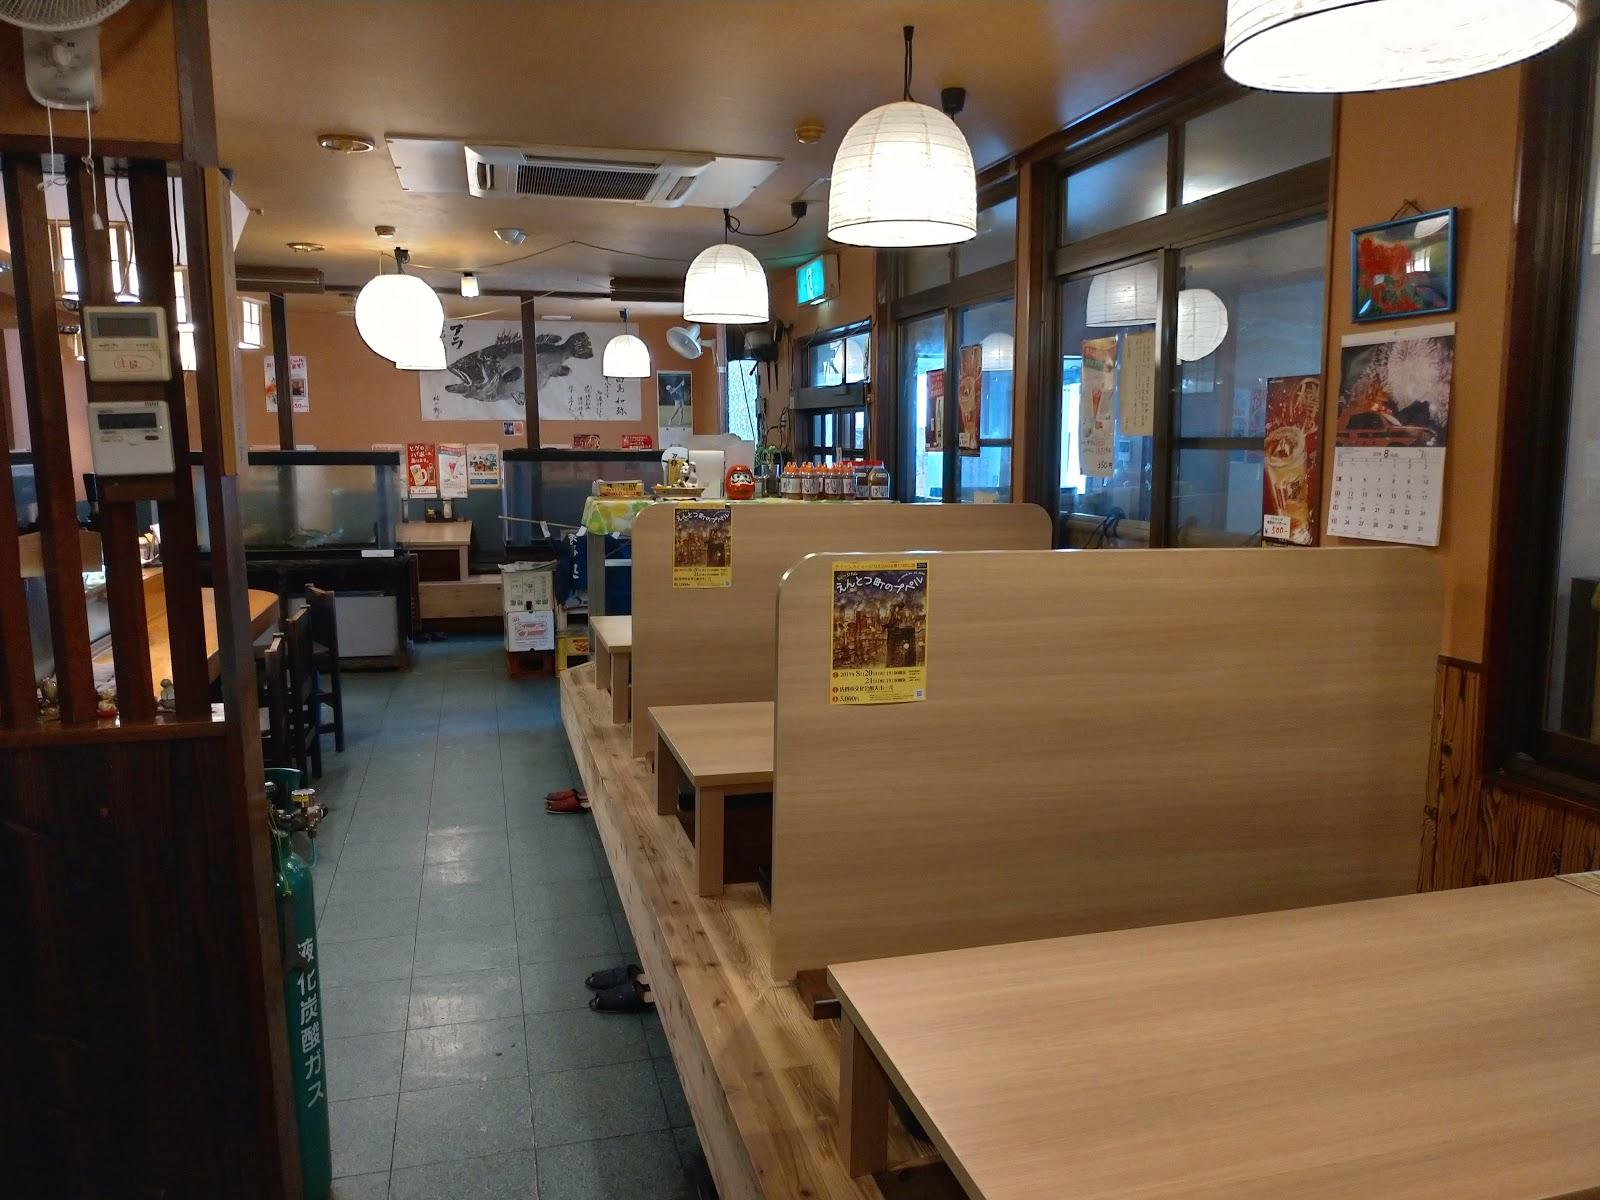 佐賀市の和食ランチでおすすめのお店【御食事処 久坊】